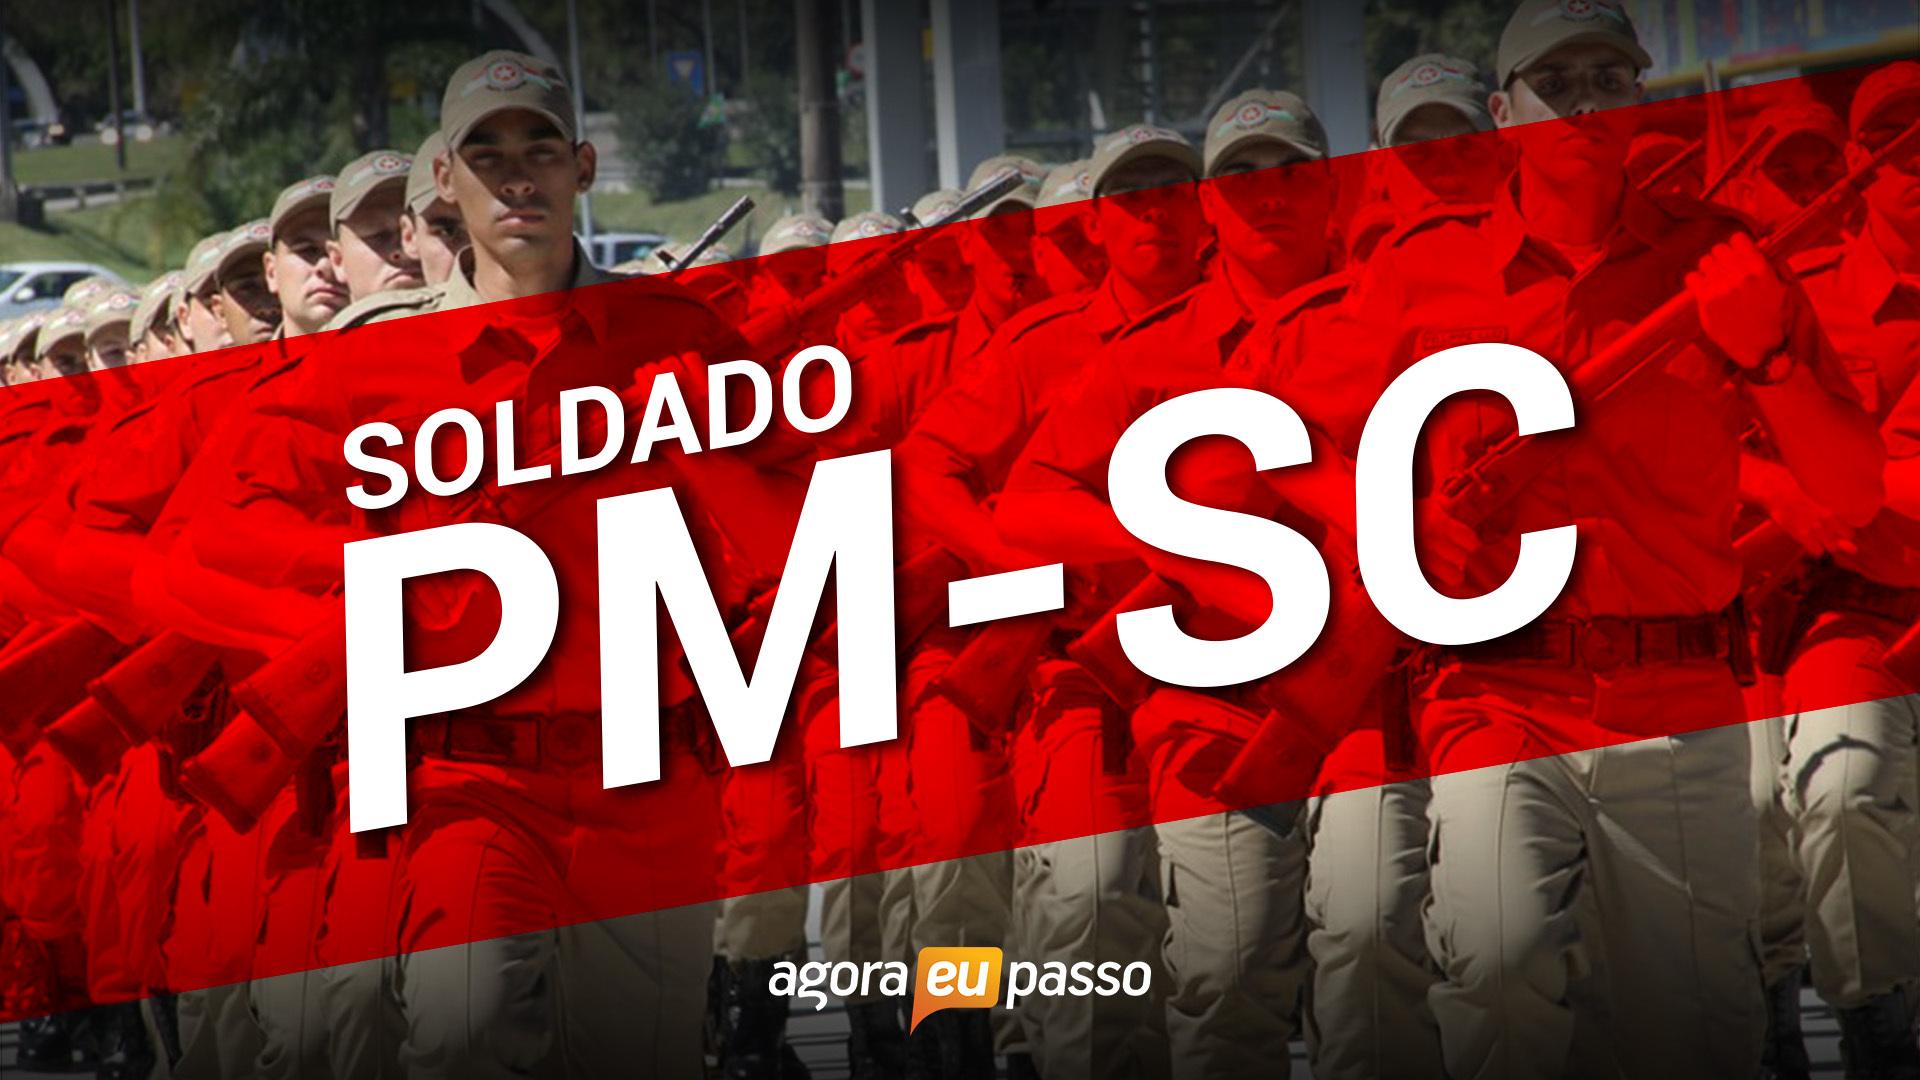 PM SC - Soldado da Polícia Militar de Santa Catarina